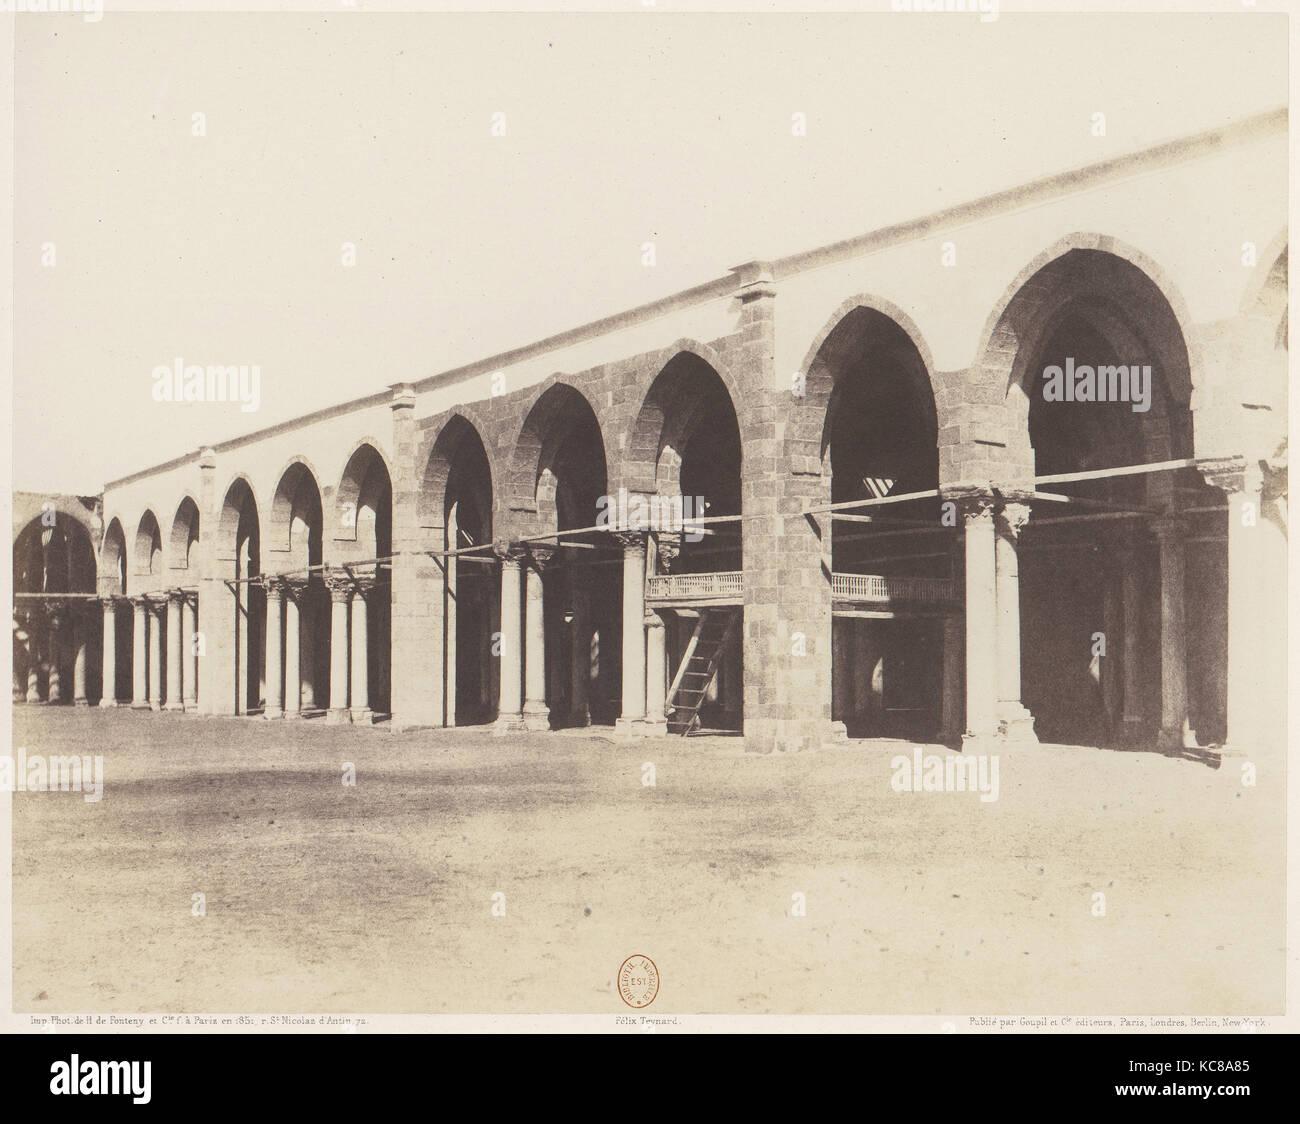 Le Kaire, Mosquée d'Amrou - Intérieur - Côté du Sanctuaire, Felix Teynard, 1851-52, Gedruckt Stockbild